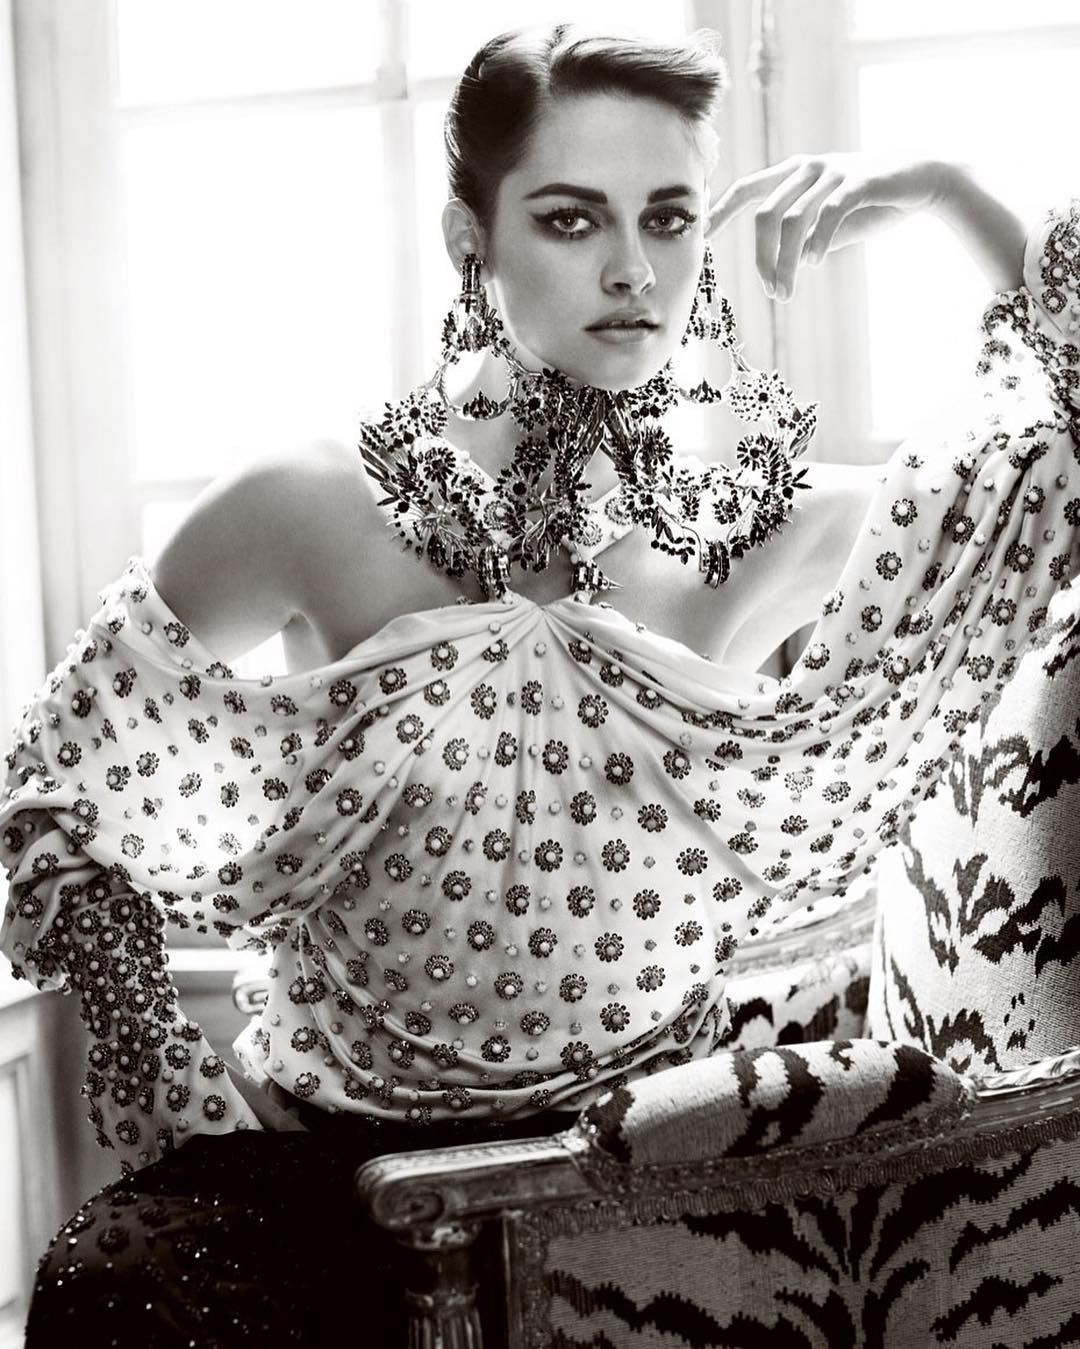 Quem também nasceu em um 09.04 é Kristen Stewart! A atriz completa hoje 26 anos como uma das queridinhas de Karl Lagerfeld. Happy birthday Kristen! (Foto: @mariotestino para @vanityfair) #kristenstewart by voguebrasil